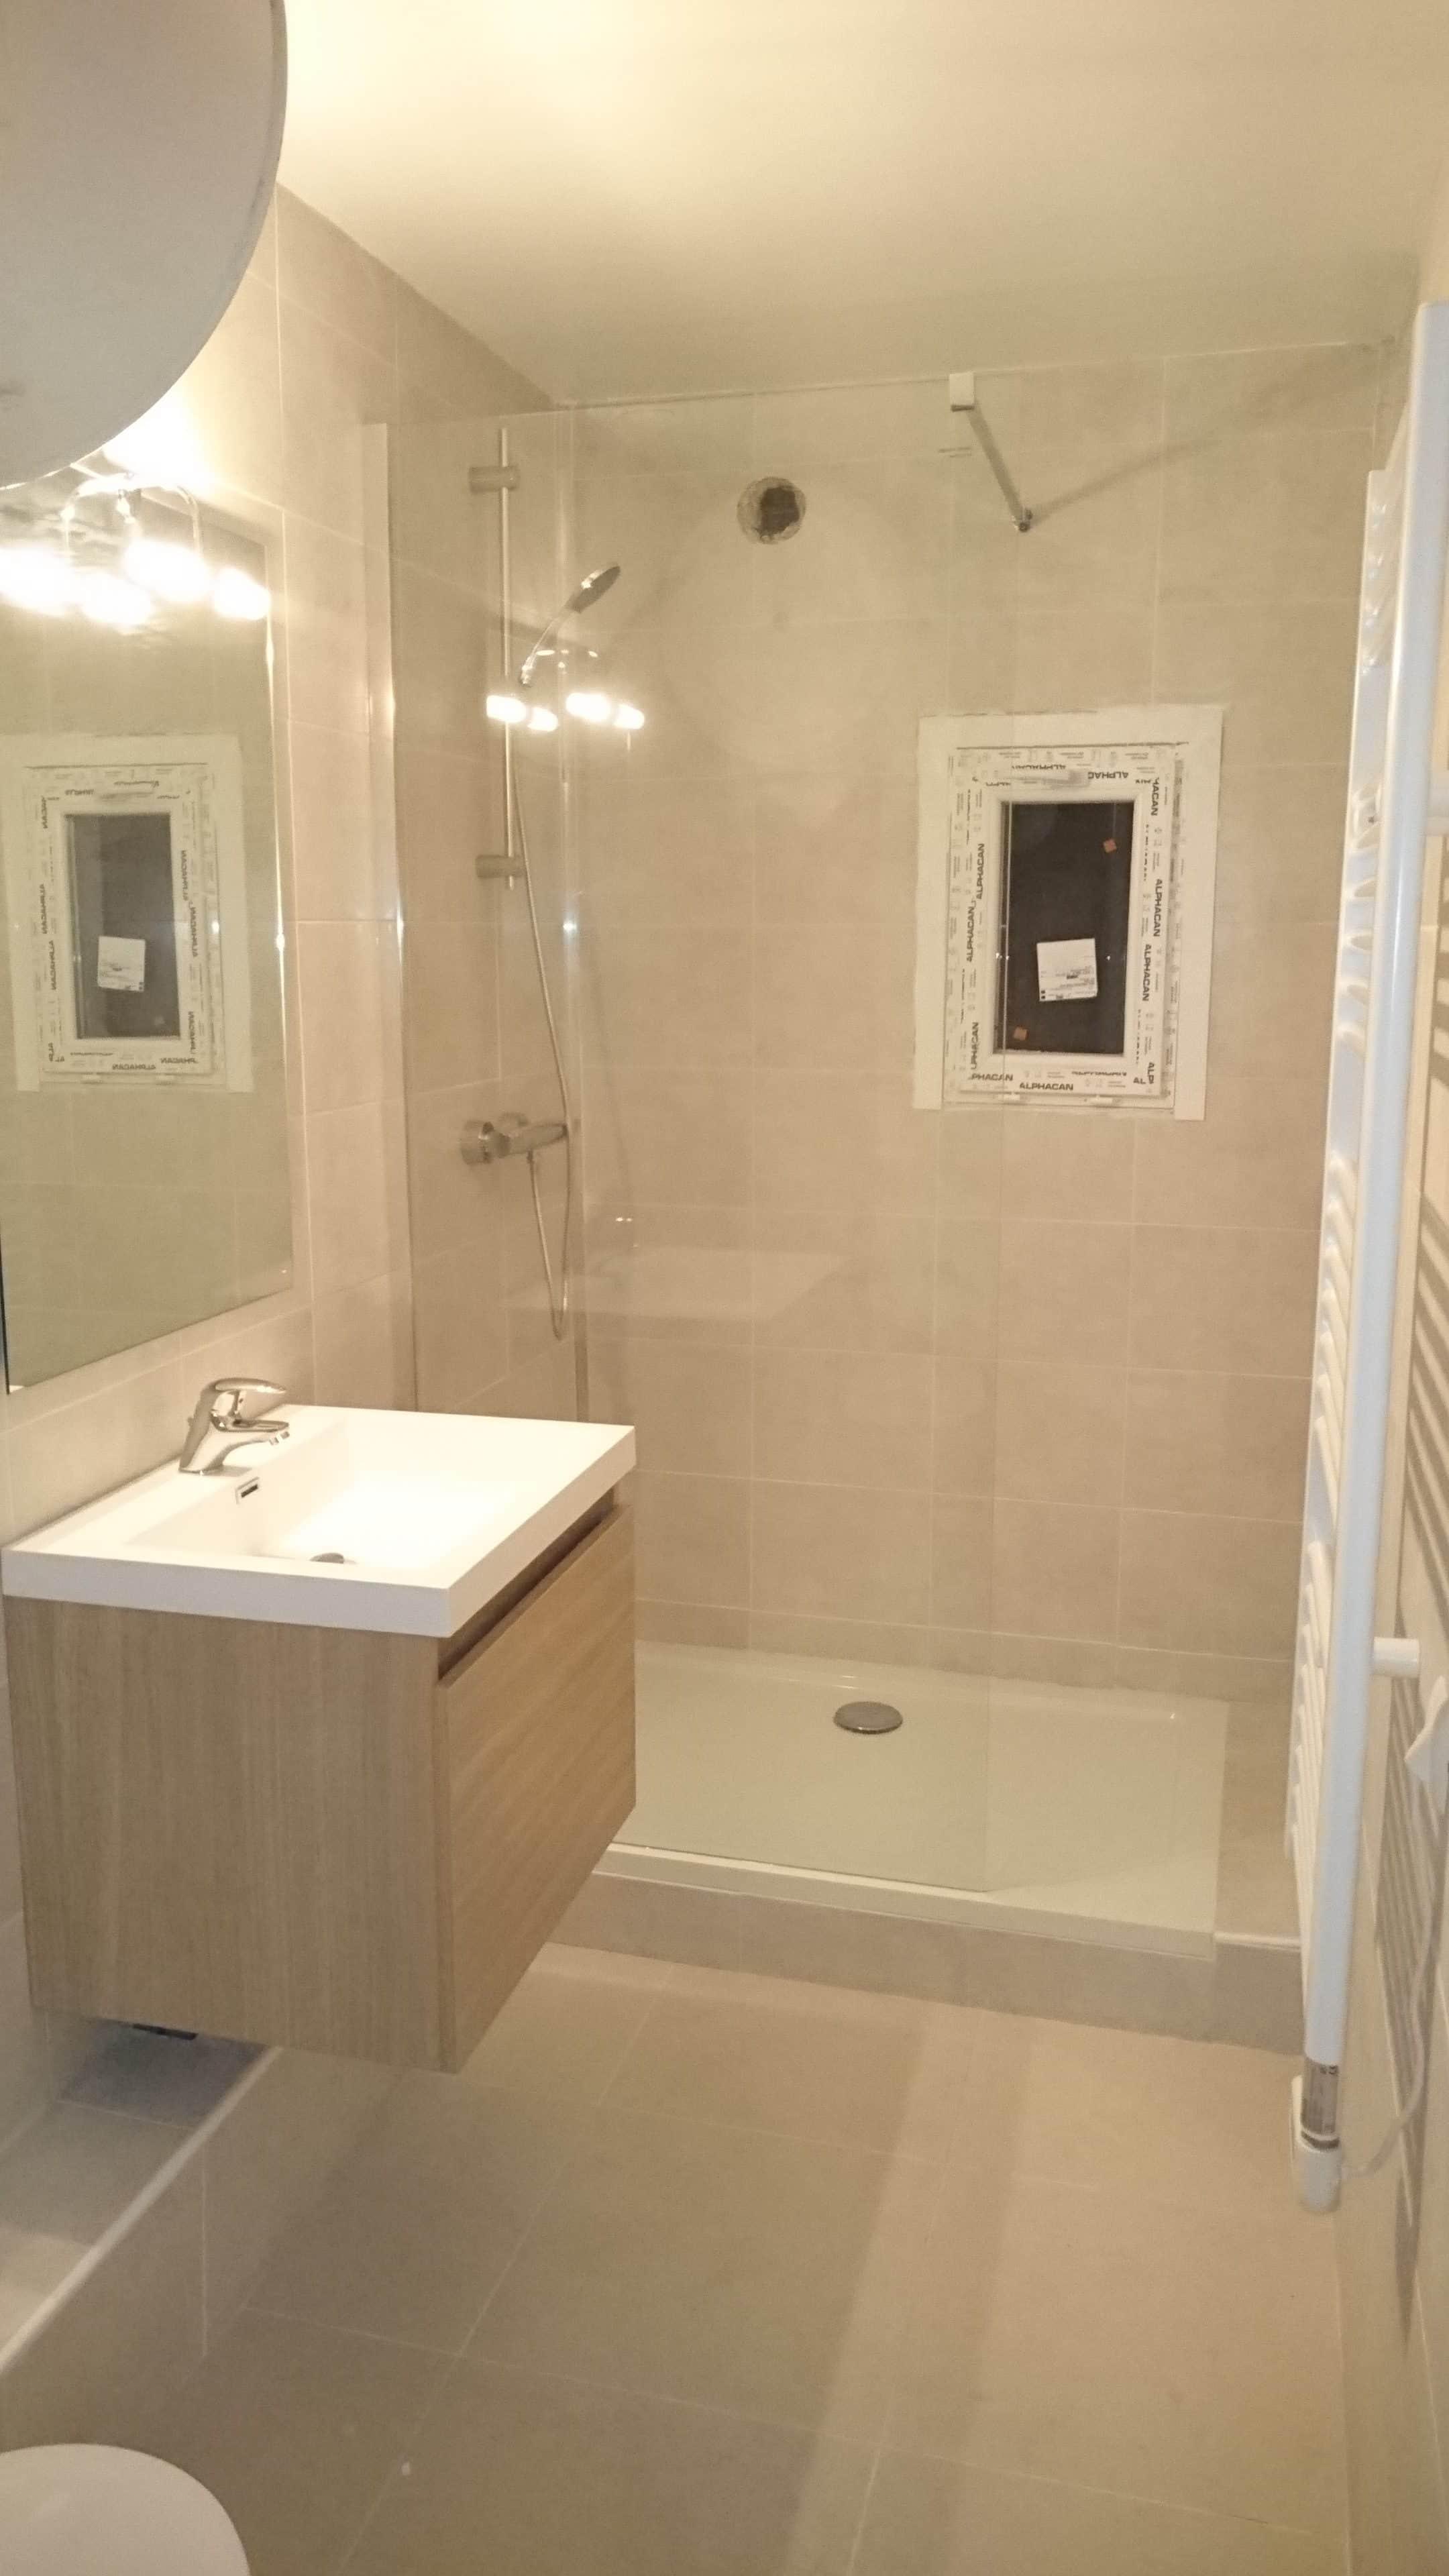 peinture par bain meilleures images d 39 inspiration pour votre design de maison ForPeinture Par Bain